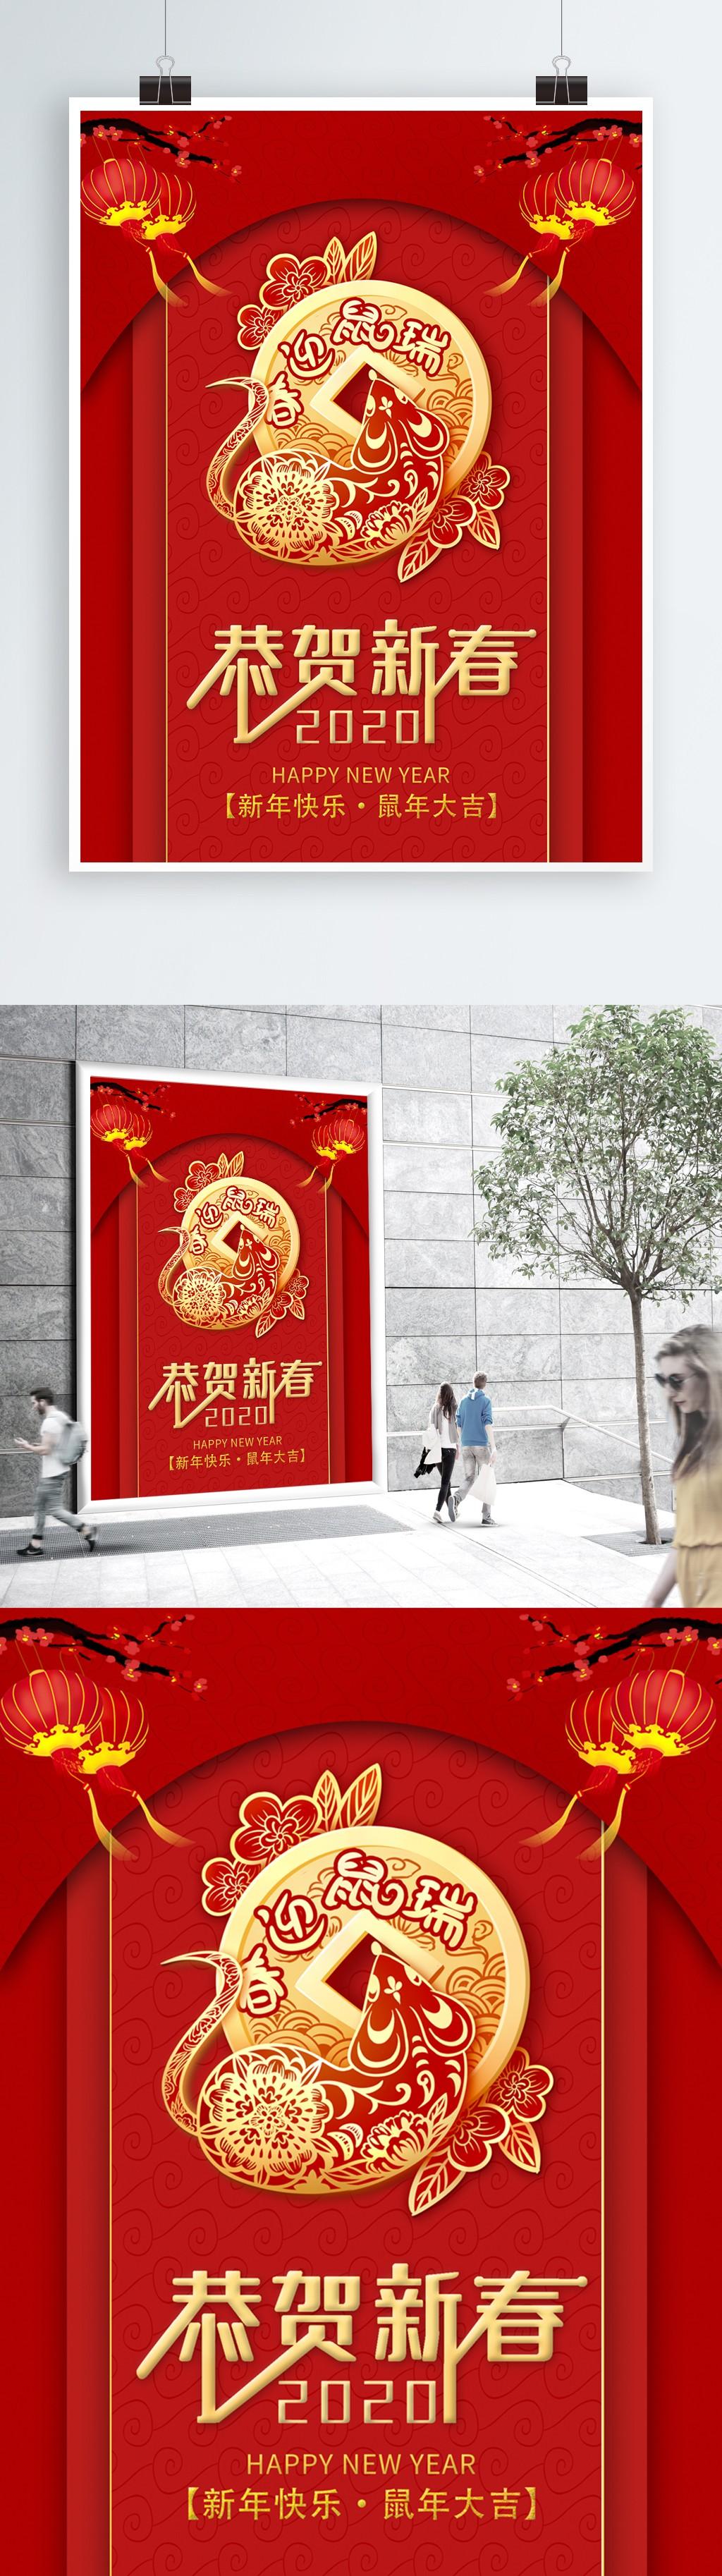 红色喜庆鼠年2020海报